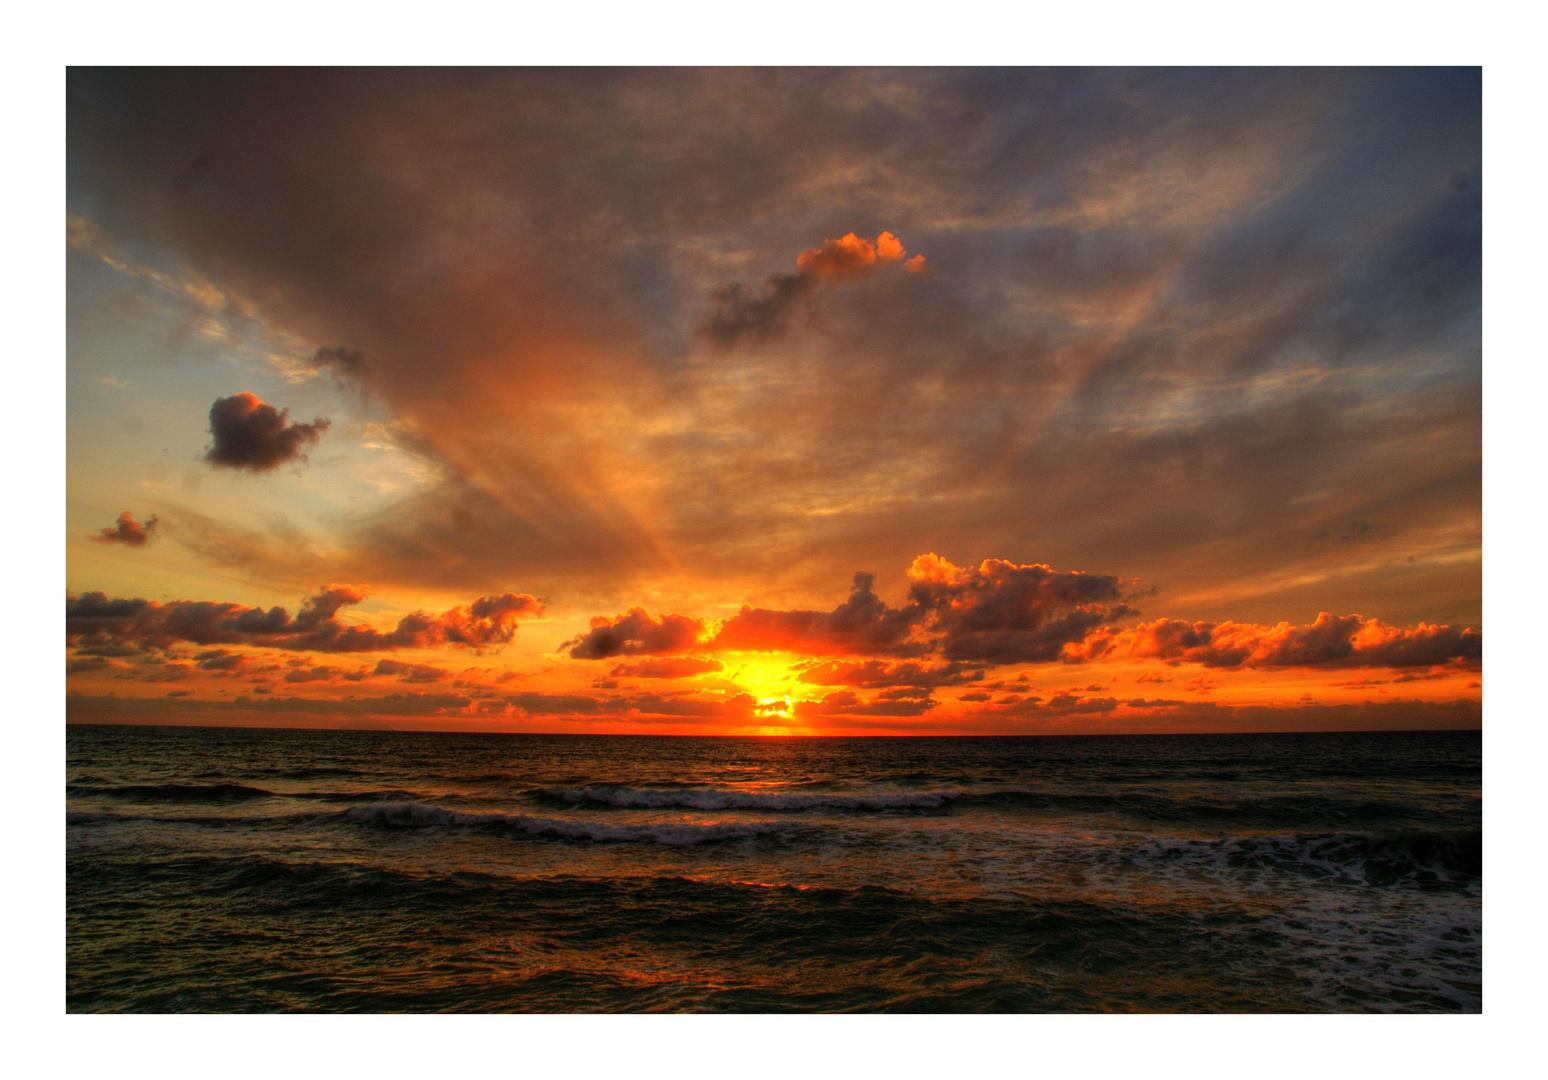 tramonto a tropea